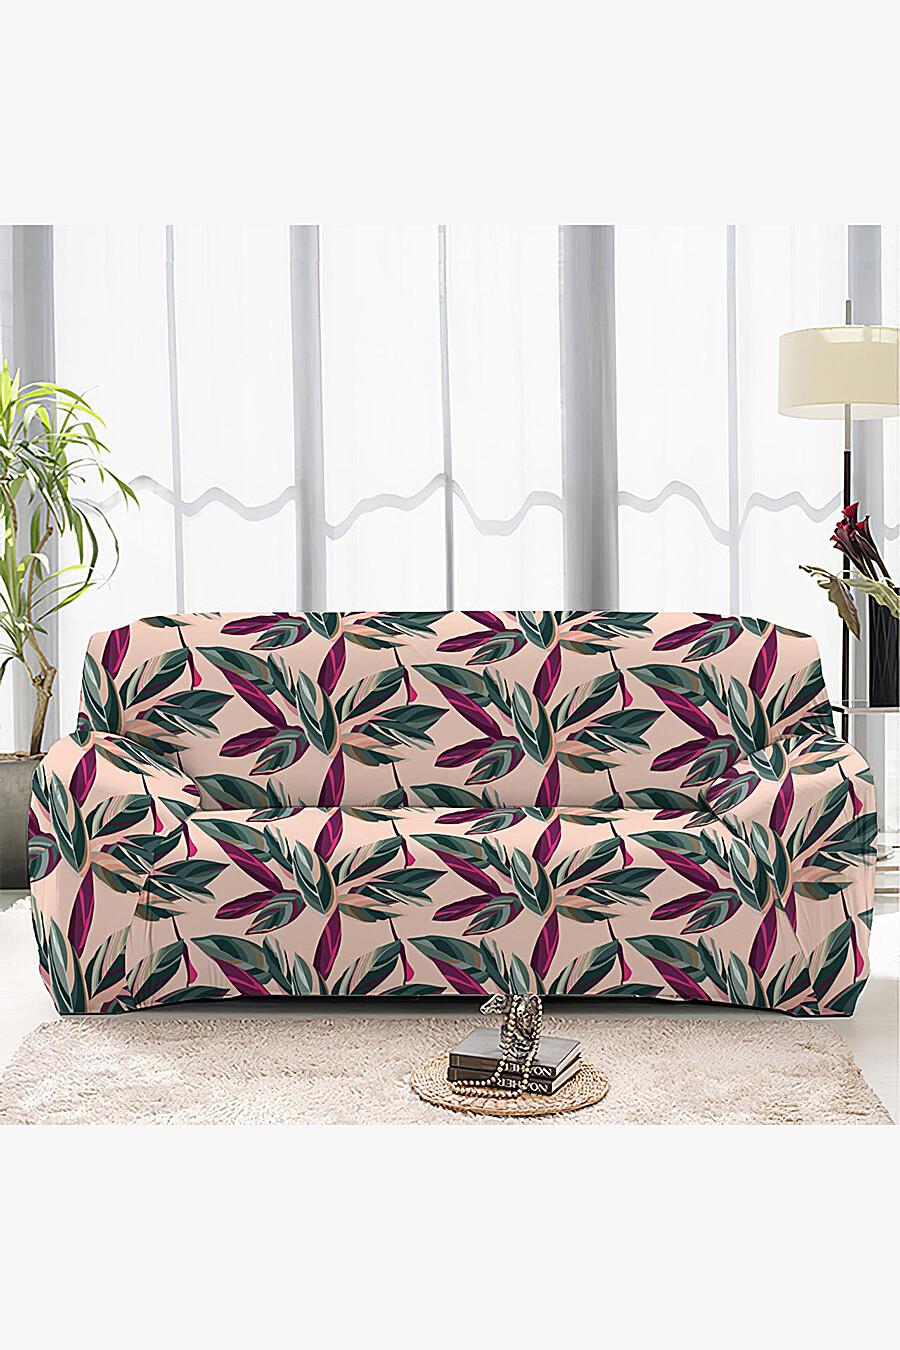 Чехол на диван для дома ART HOME TEXTILE 162839 купить оптом от производителя. Совместная покупка товаров для дома в OptMoyo